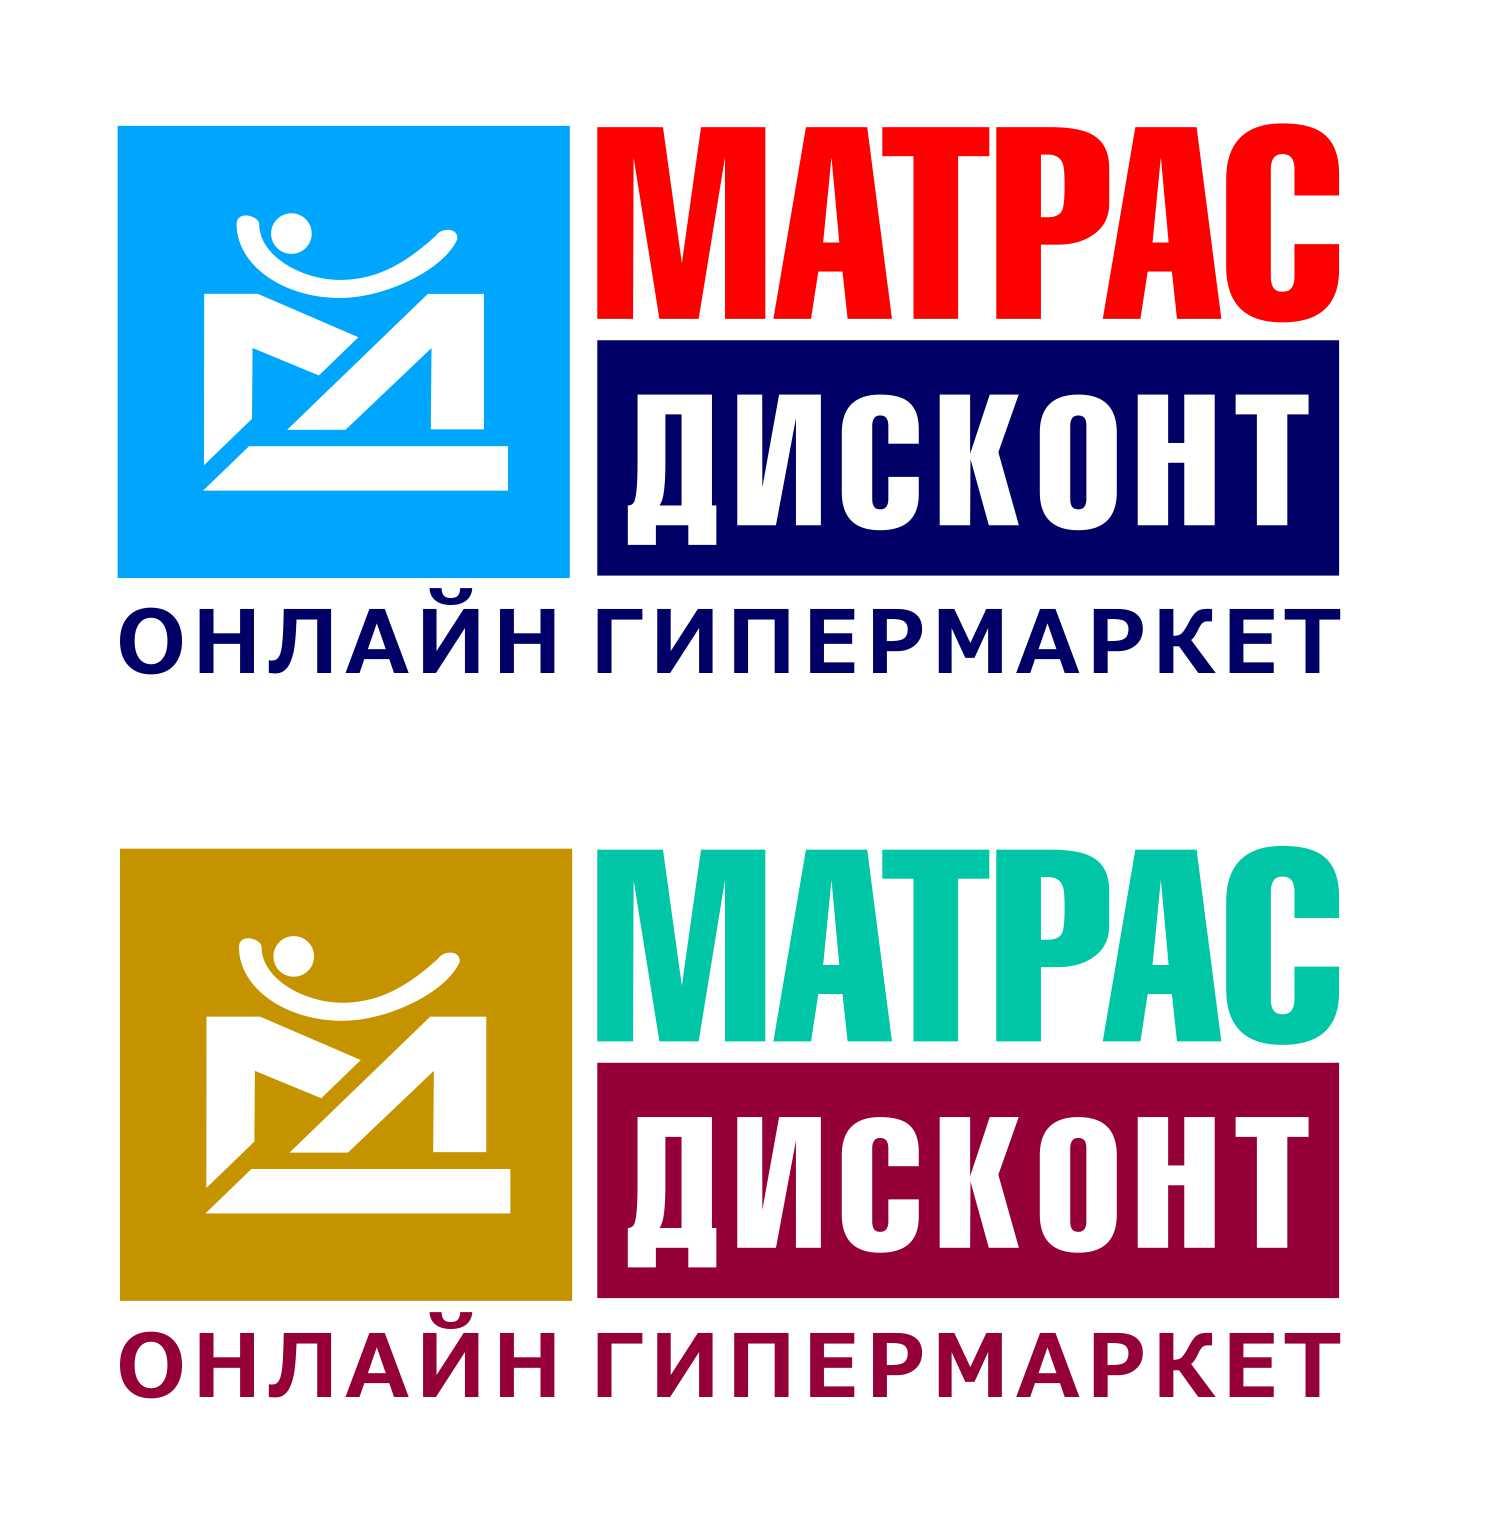 Логотип для ИМ матрасов фото f_8485c866177c9269.jpg